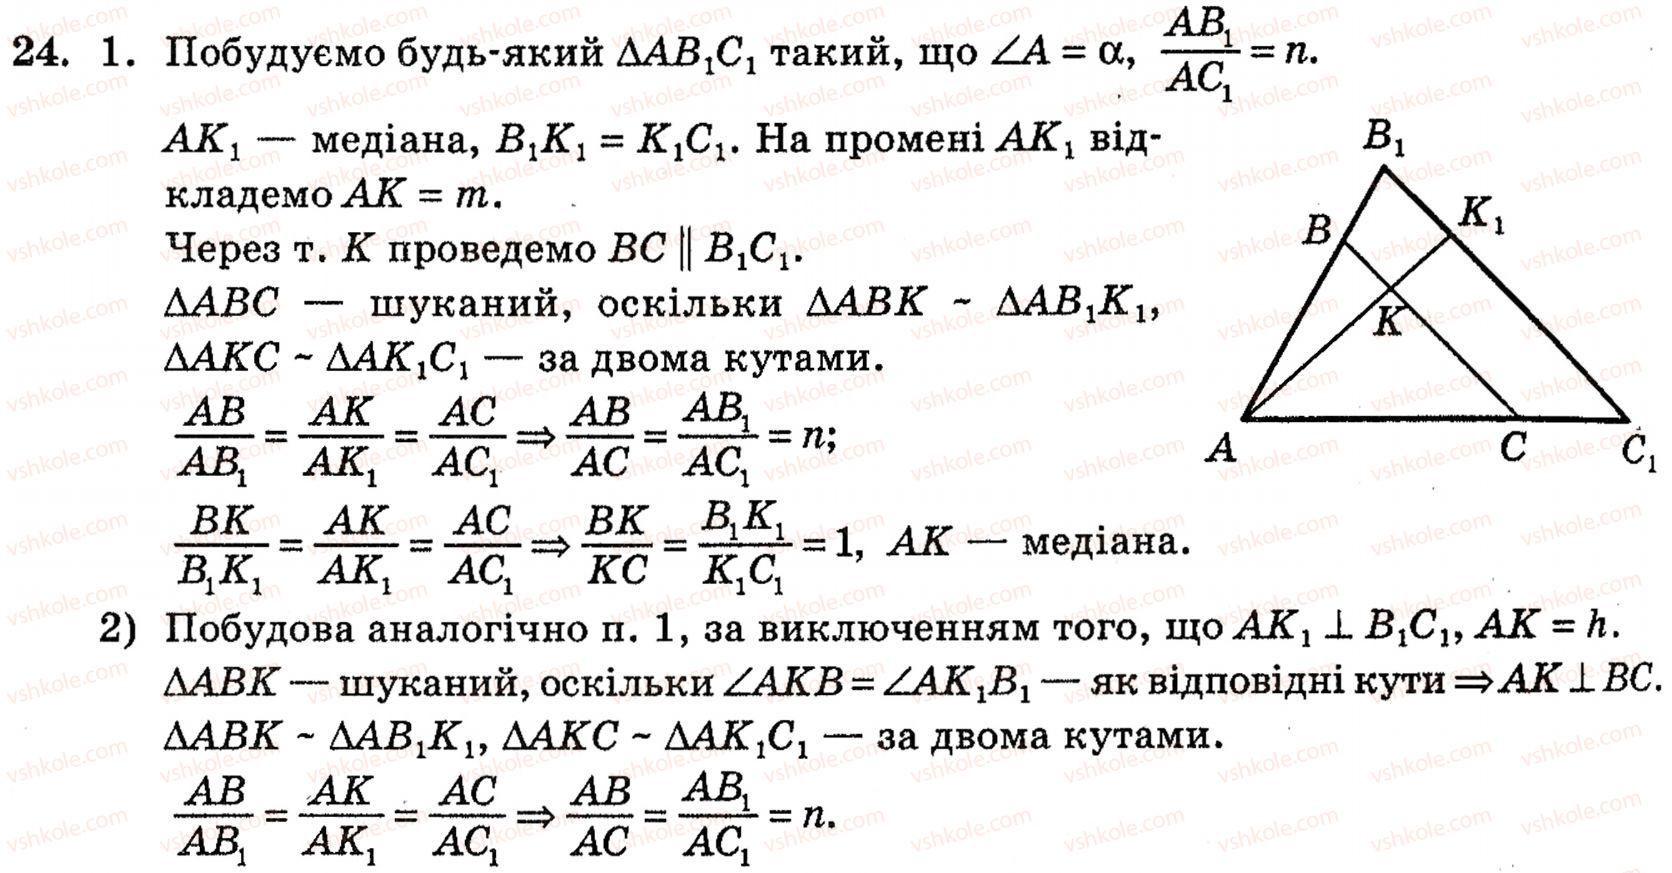 Решебник геометрии 8 класс бурды